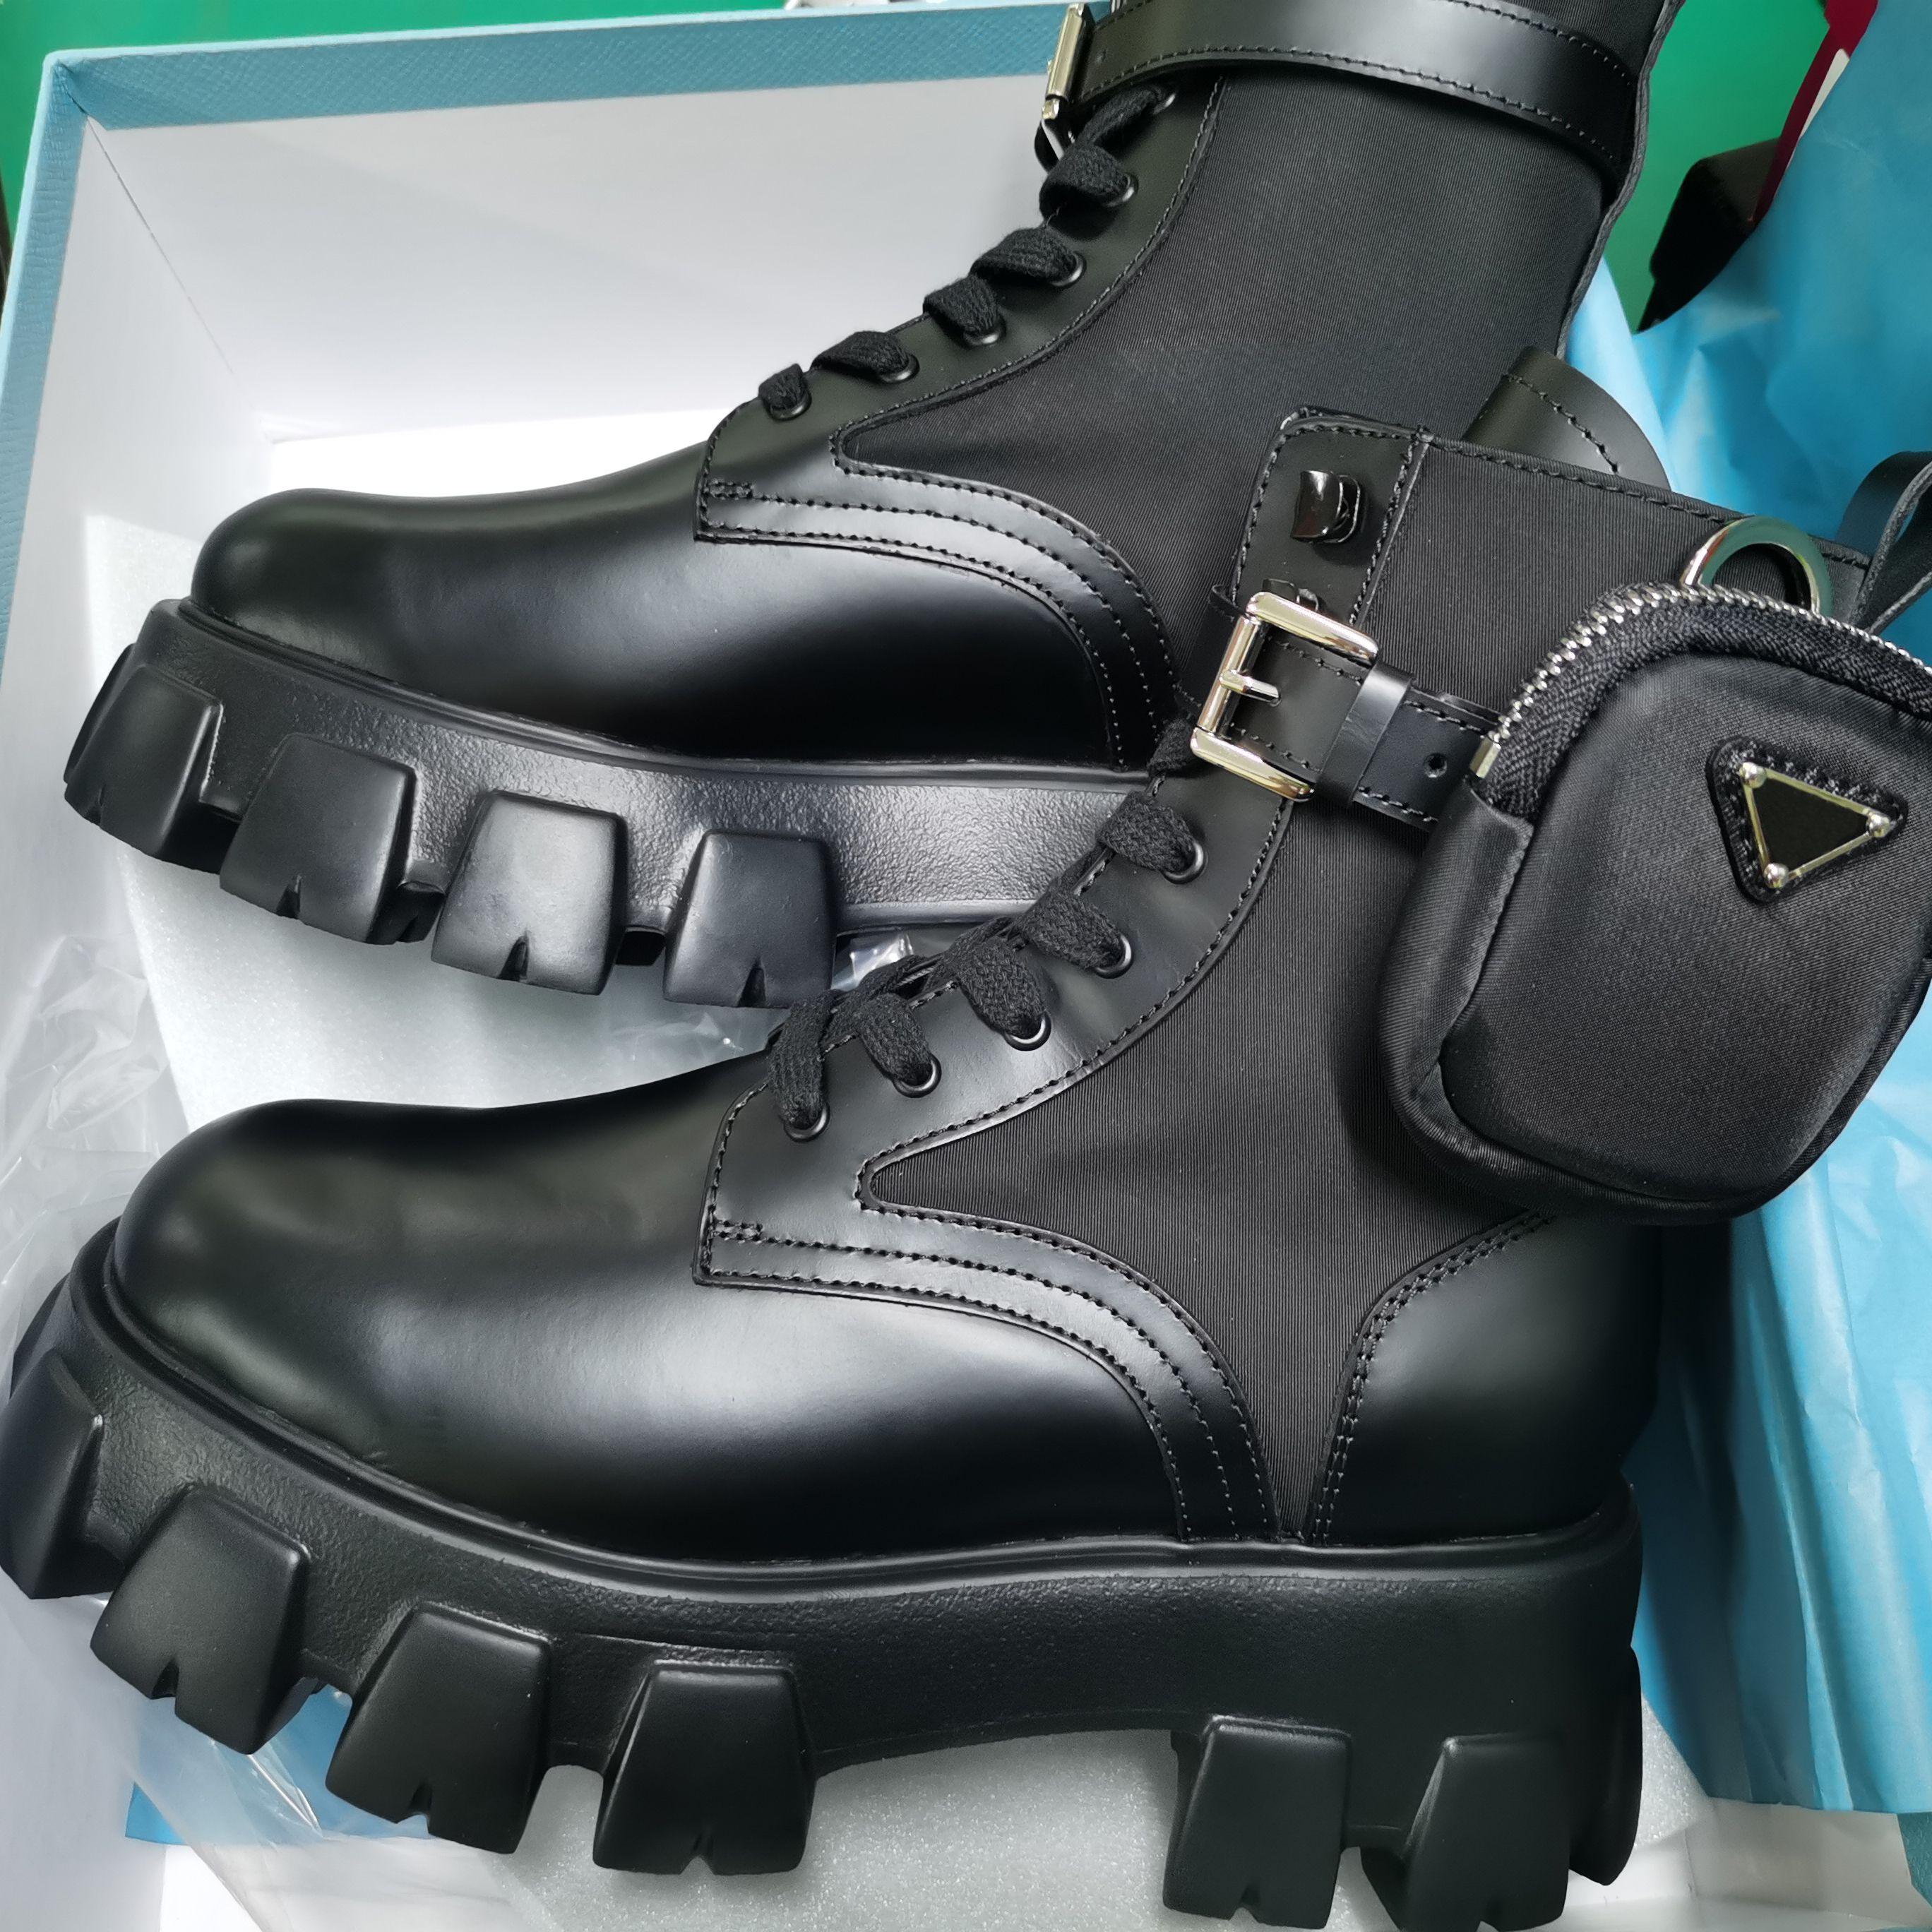 2020 Rois Çizmeler Naylon Derby Ayak Bileği Martin Çizmeler Kadın Savaş Deri Ayakkabı Savaş Botları Siyah Kauçuk Taban Platformu Ayakkabı Naylon Kılıfı Kutusu Ile